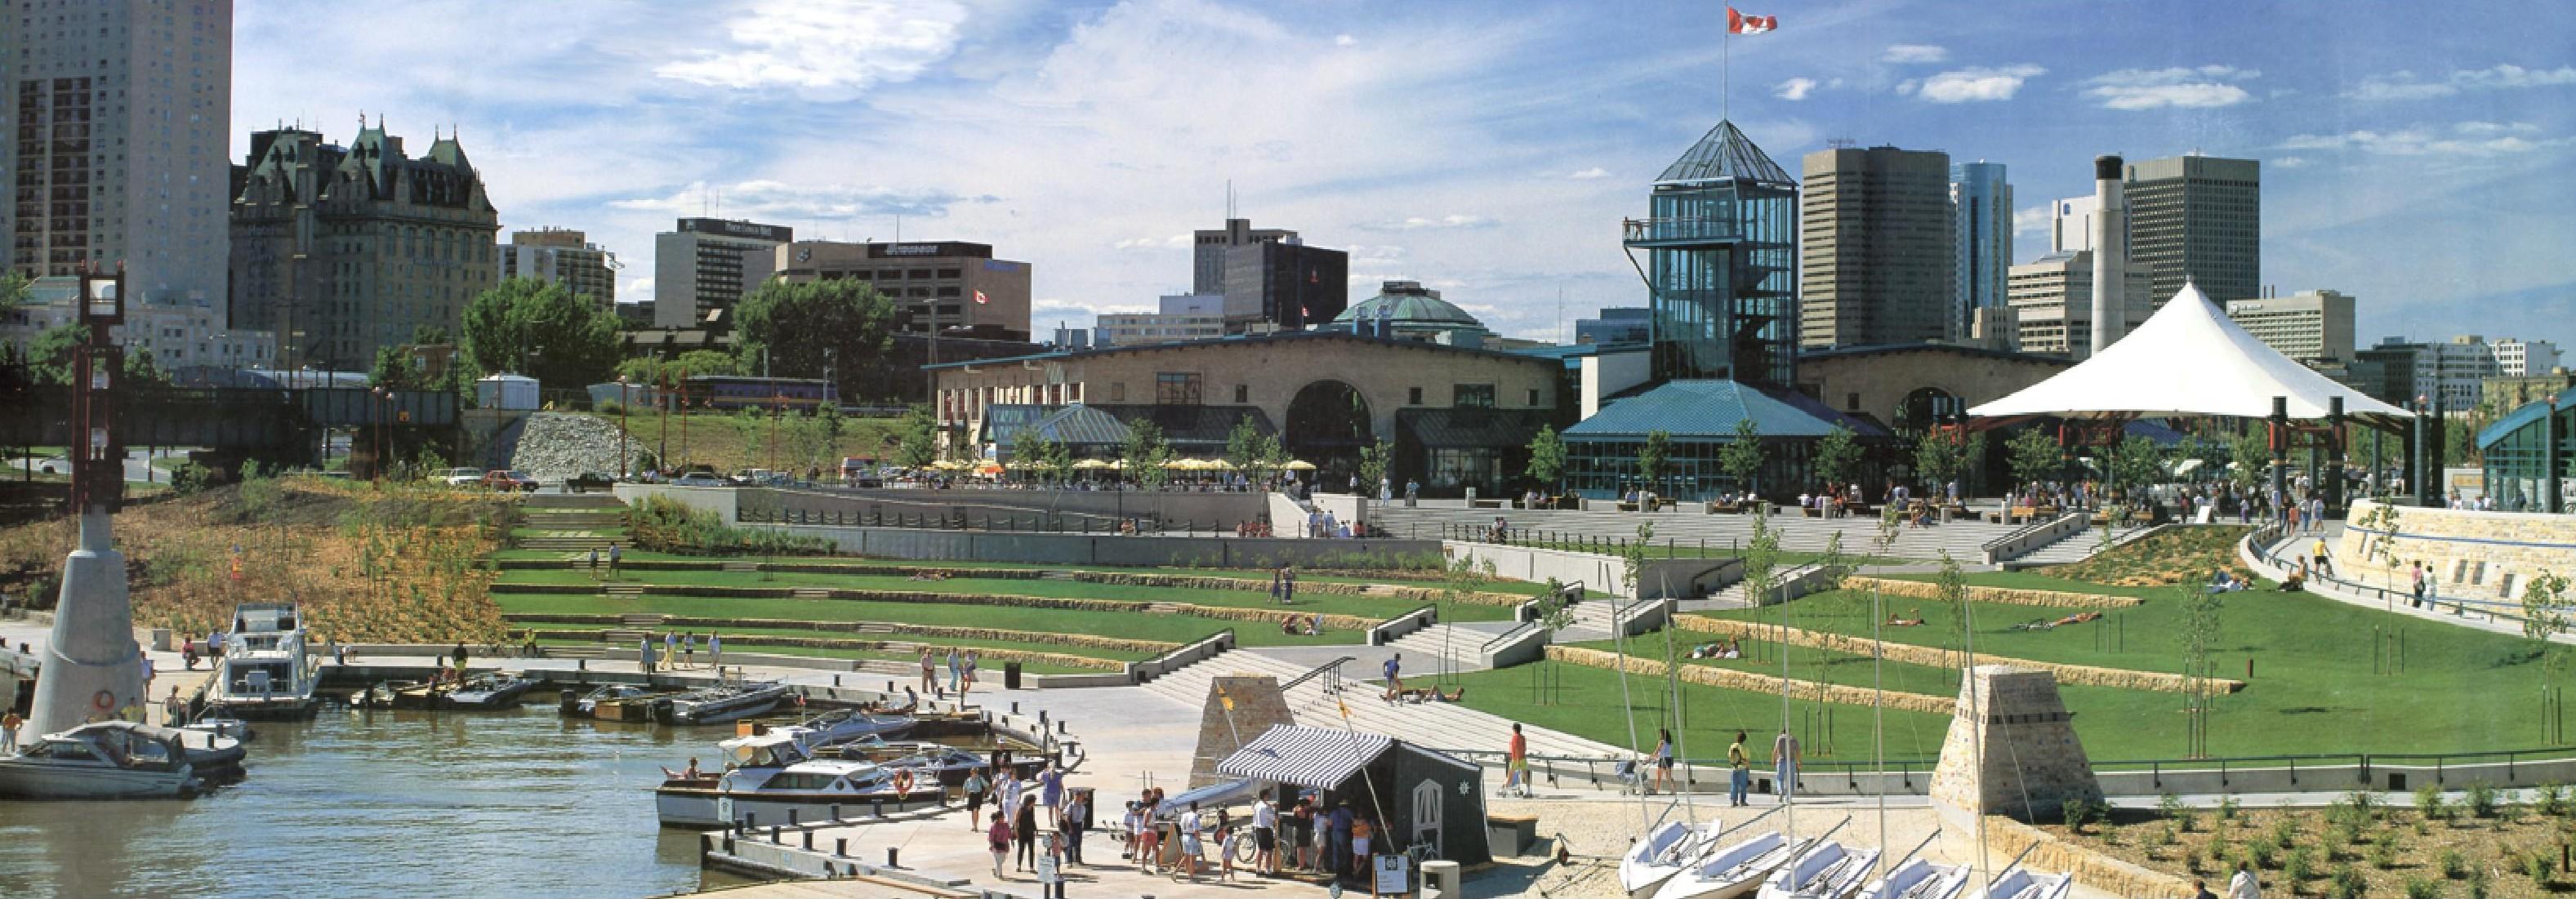 Landscape architecture in canada csla for Landscape architecture canada